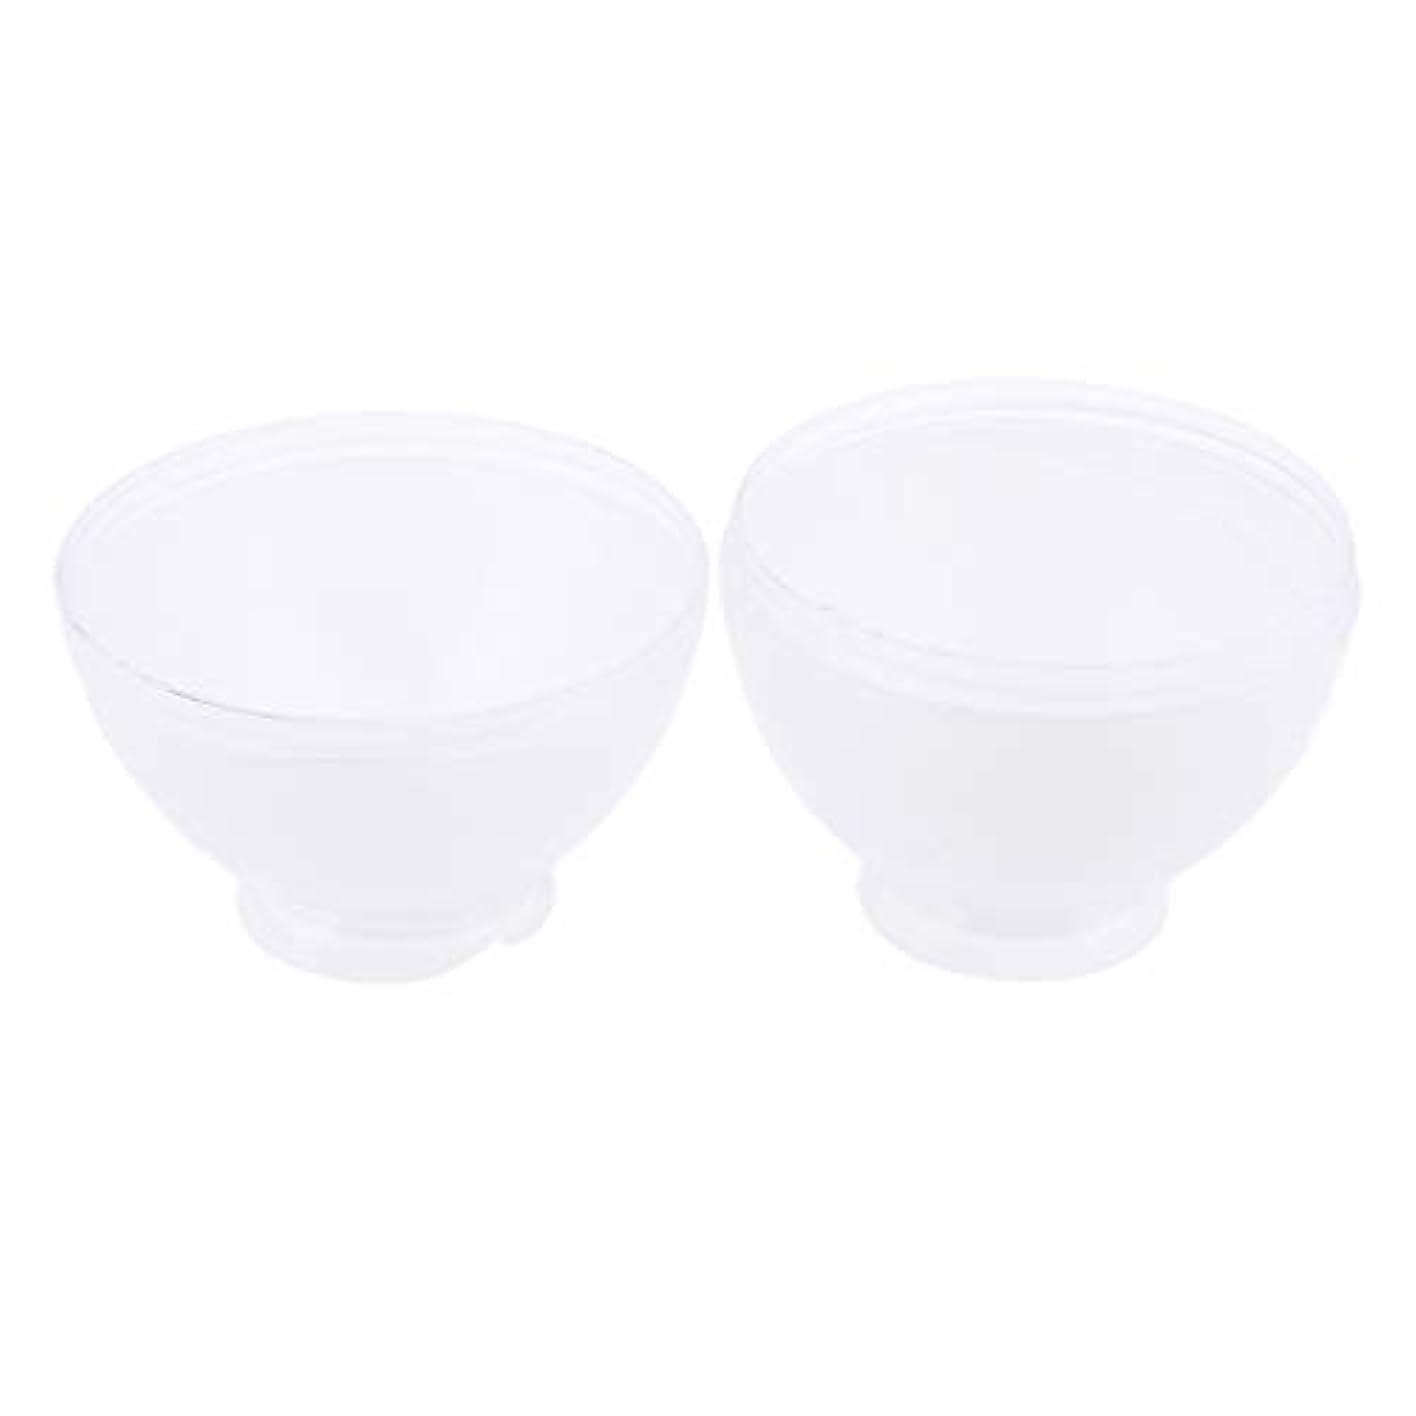 宙返り妥協かわすDYNWAVE カラーボウル ヘアカラー ミキシングボトル プロ 美容師 キャンディー形状 便利 漏れ防止 全3色 - 白